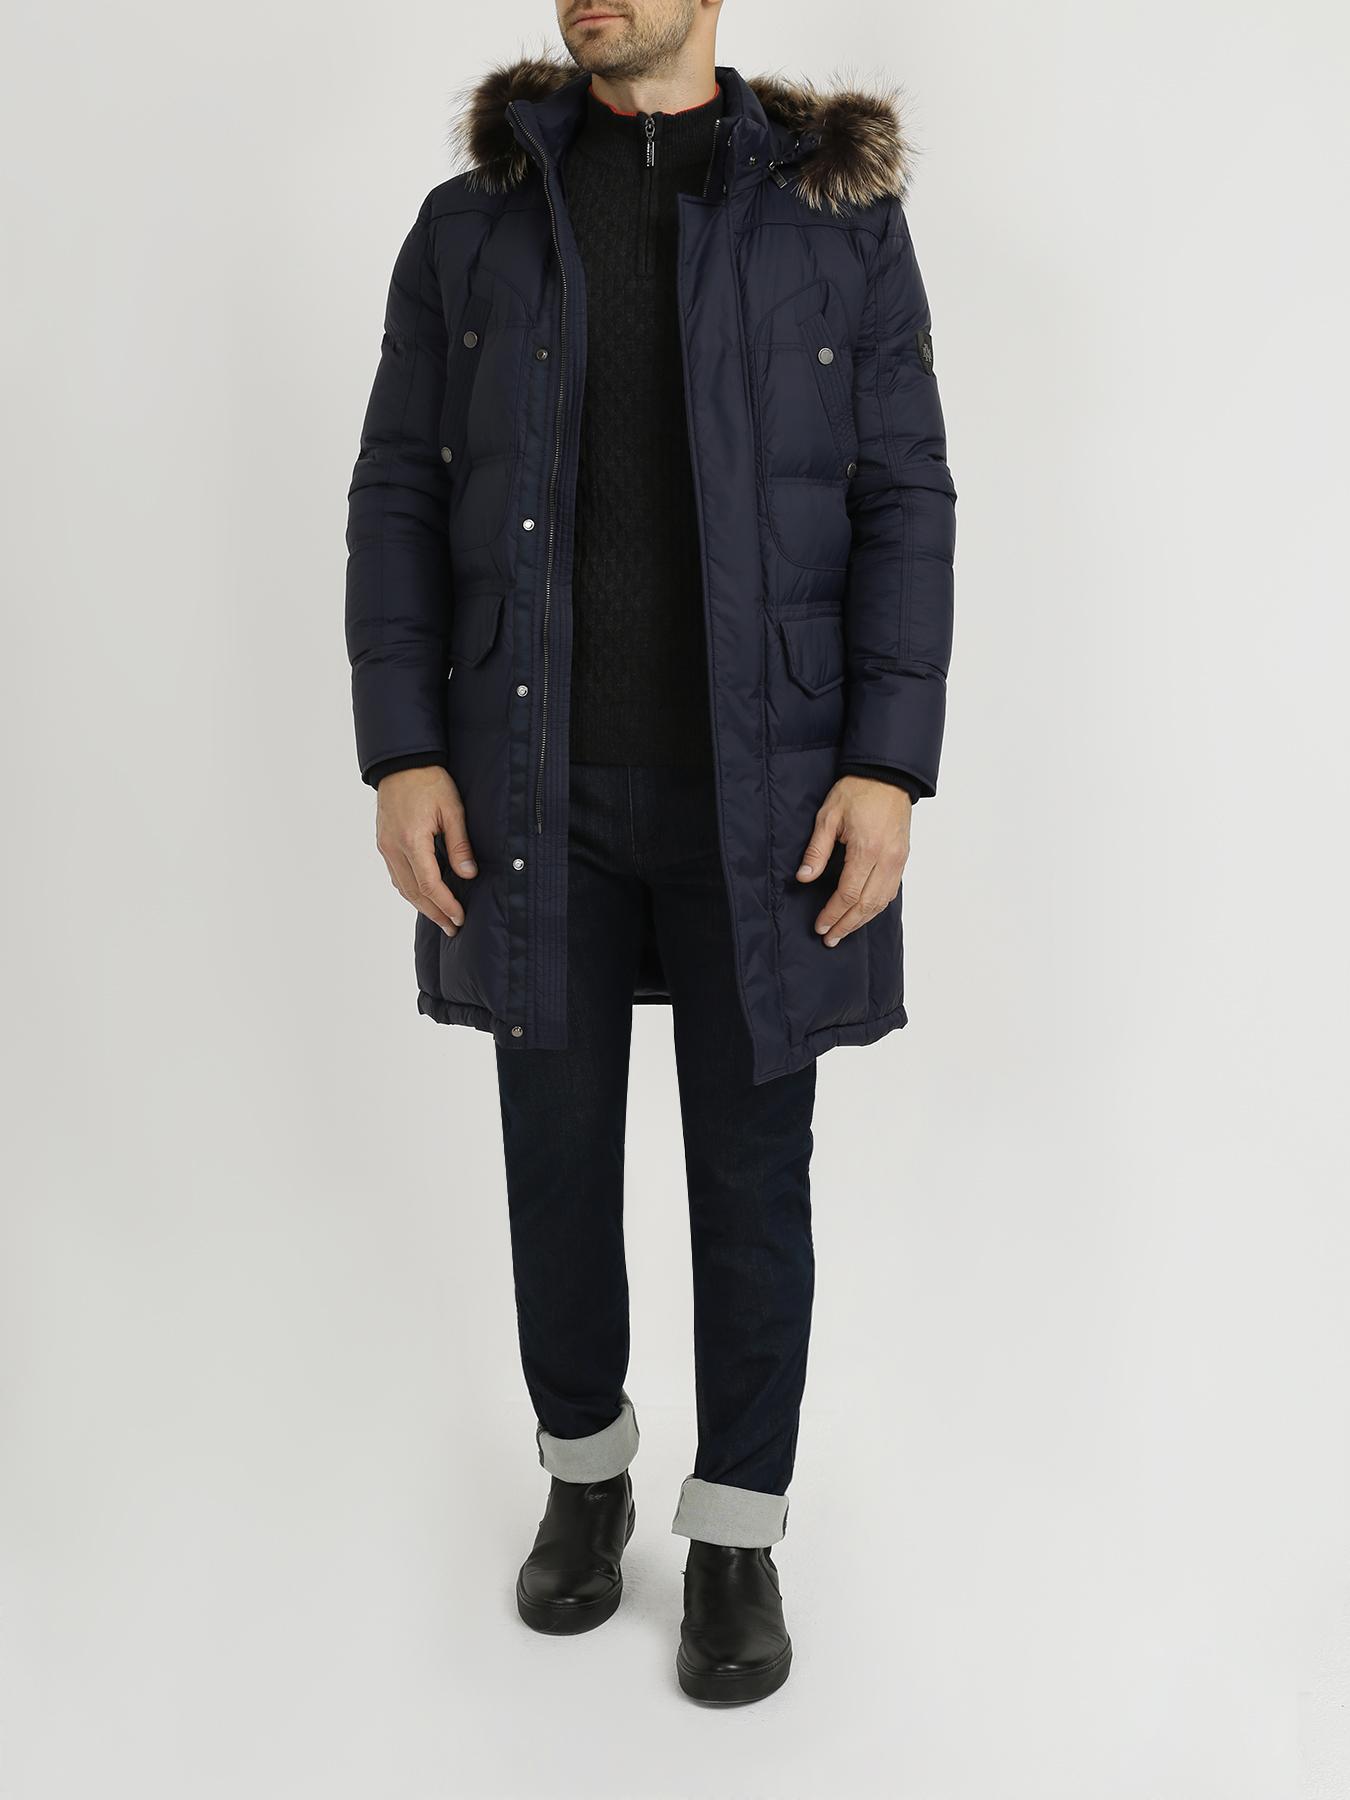 Куртка Alessandro Manzoni Мужской пуховик мужской пуховик 90% jk 076